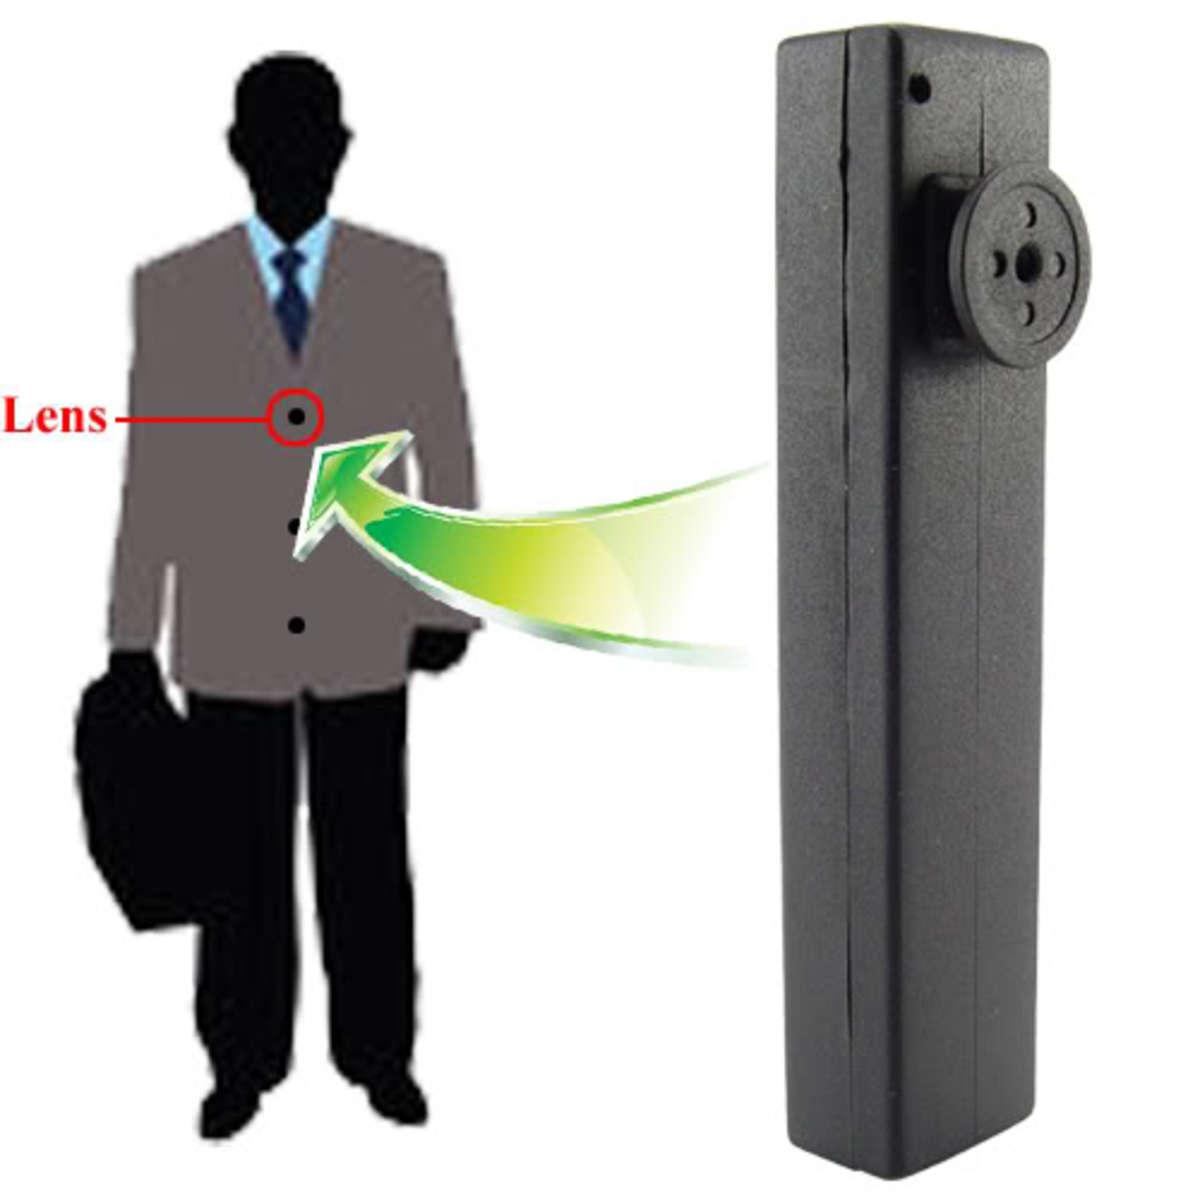 spy-camera-gadgets